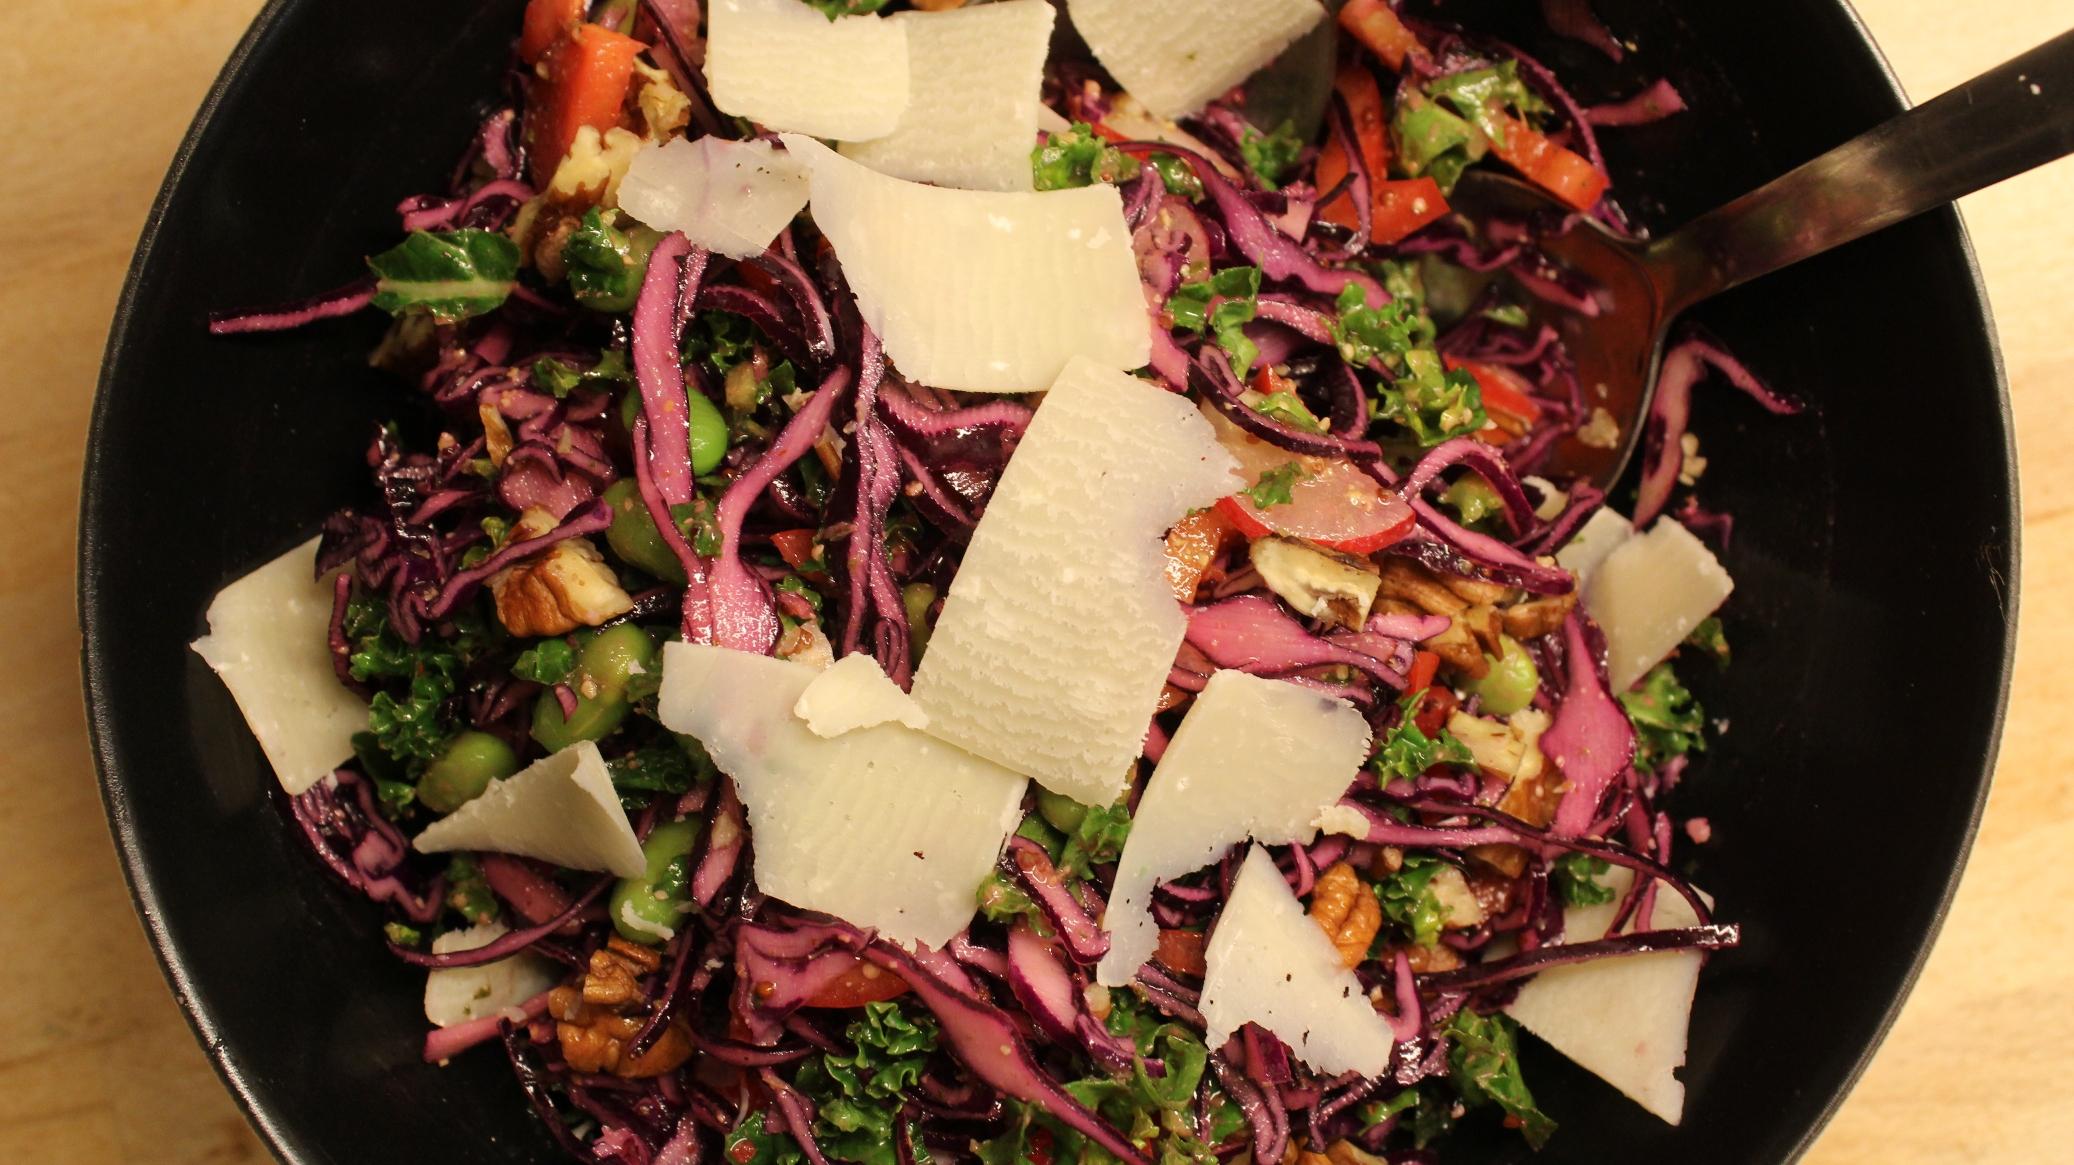 Rødkålssalat med pestodressing, peberfrugt og parmesan